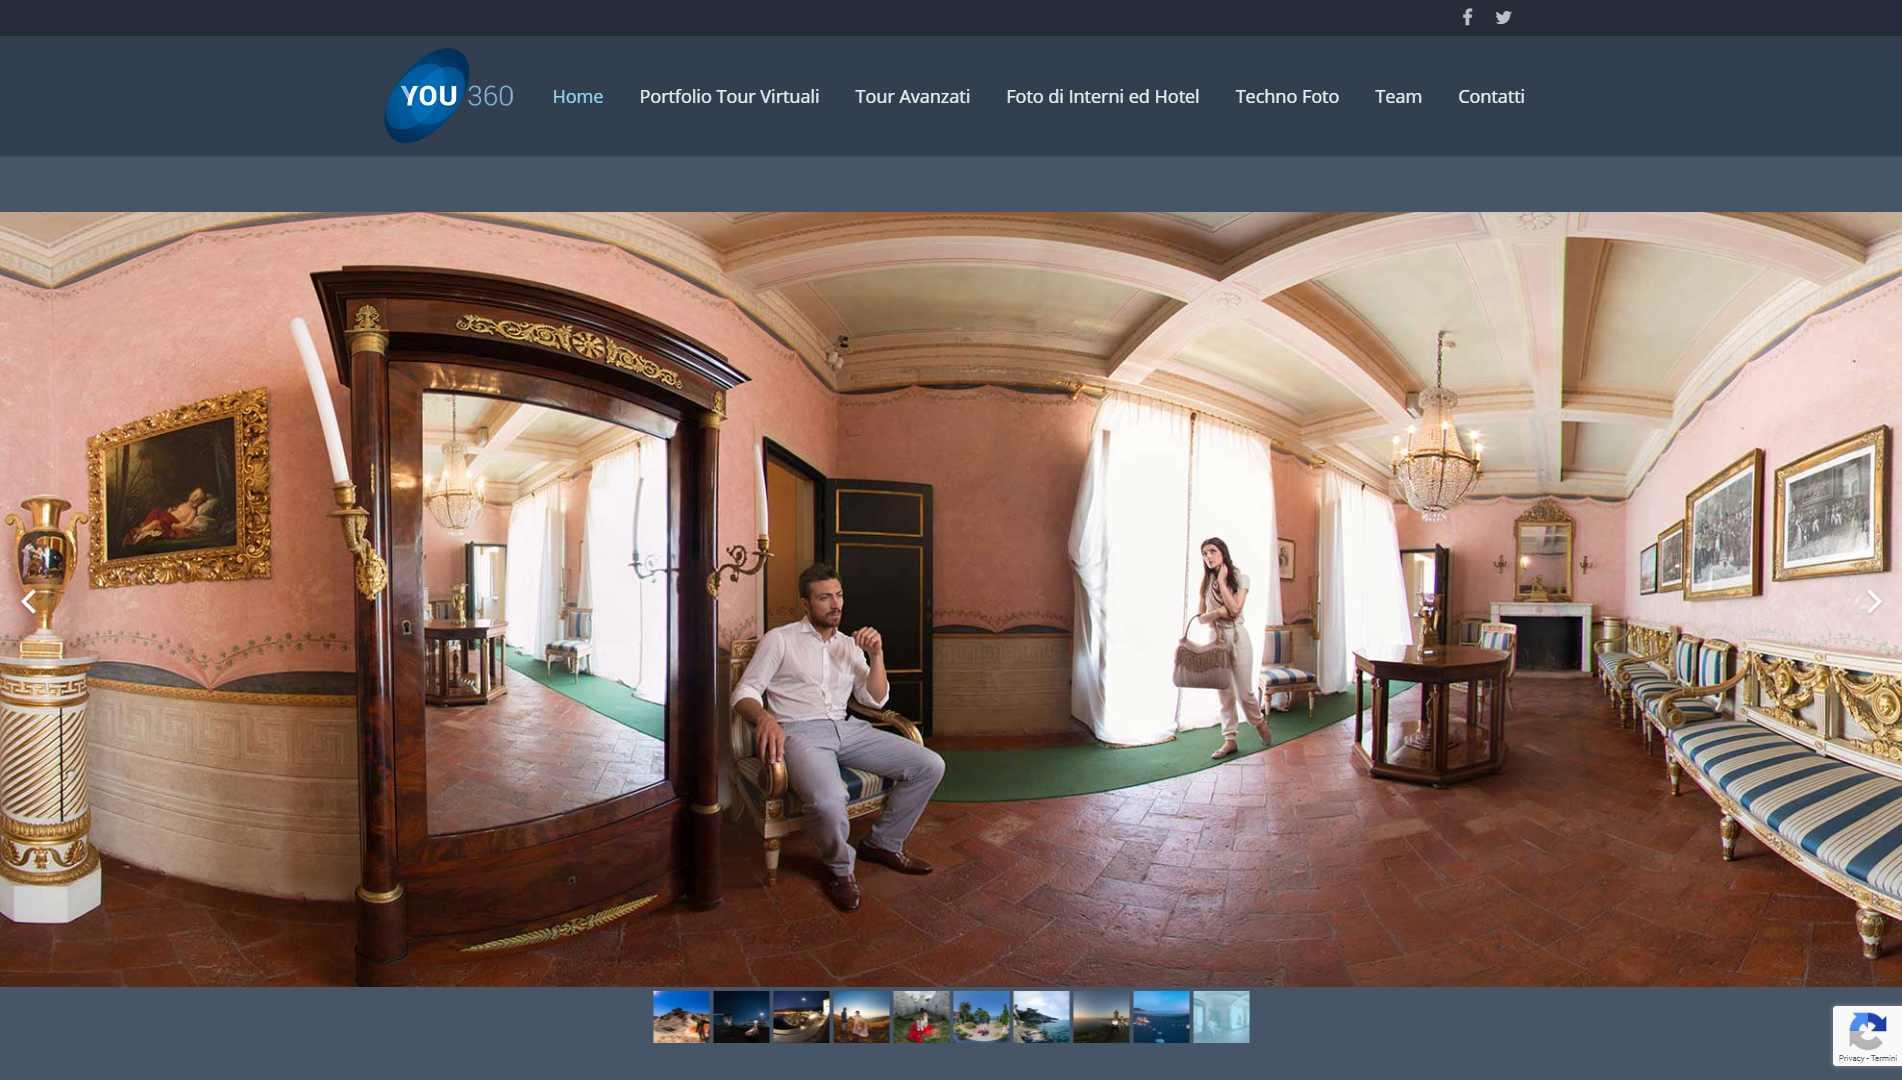 Cerchi un fotografo certificato Google a Benevento? Marketing turistico per l'Isola d'Elba con il network you360.it